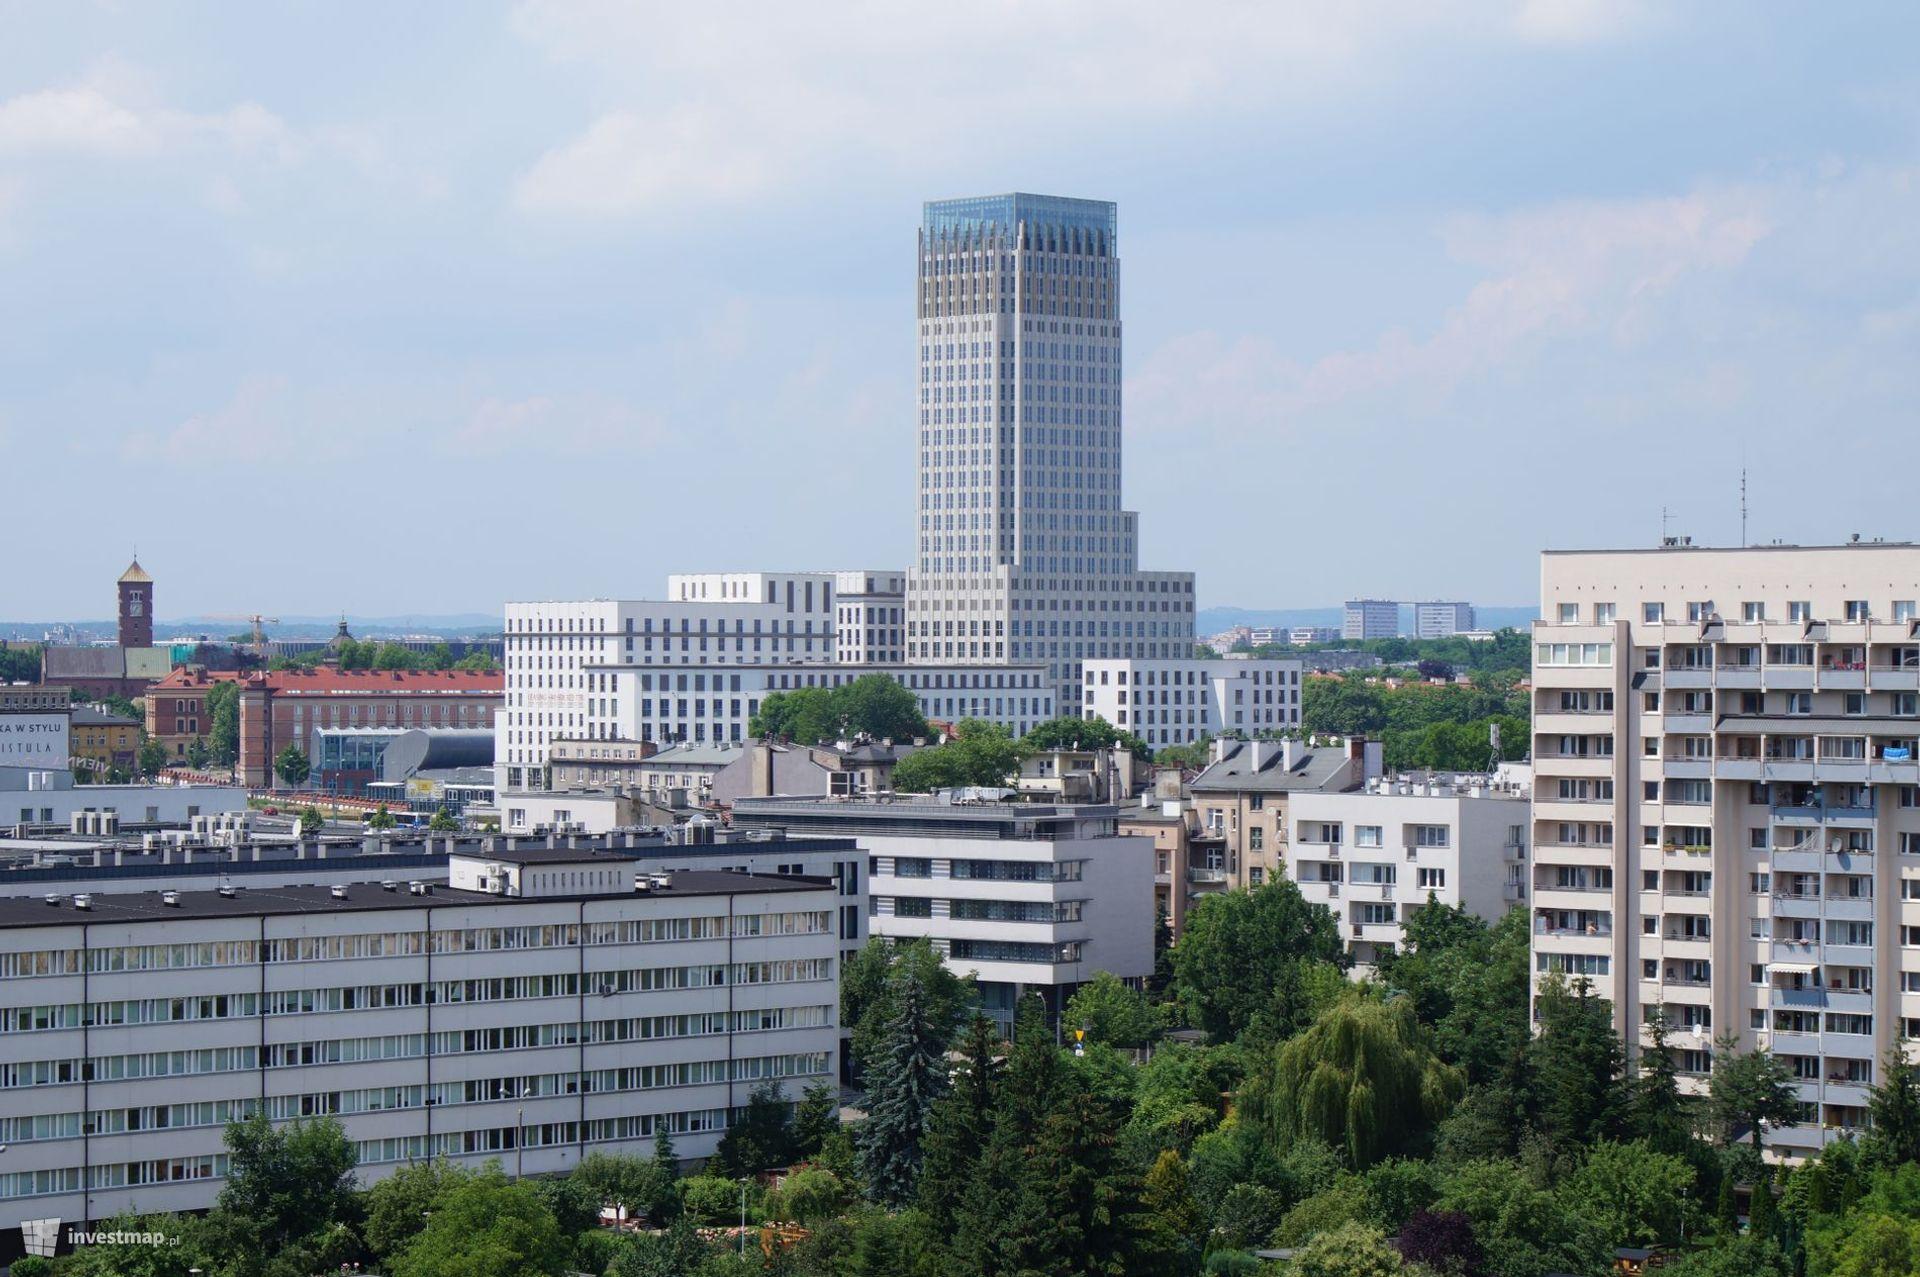 Kraków: Unity Centre wciąż stoi puste, ale ma się to zmienić